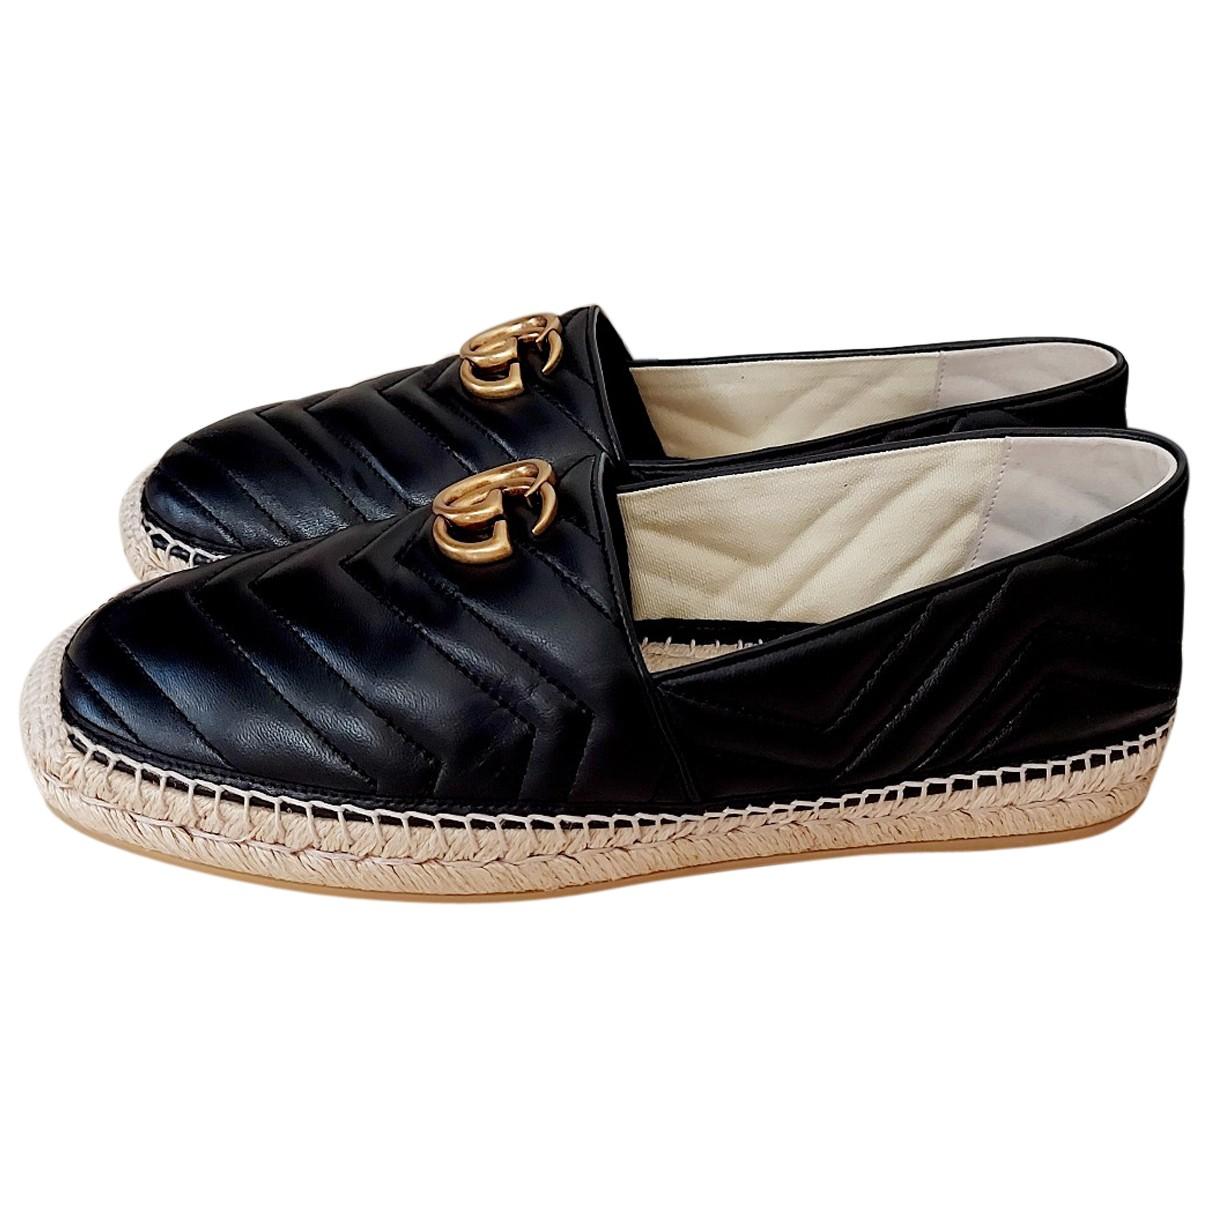 Gucci - Espadrilles   pour homme en cuir - noir